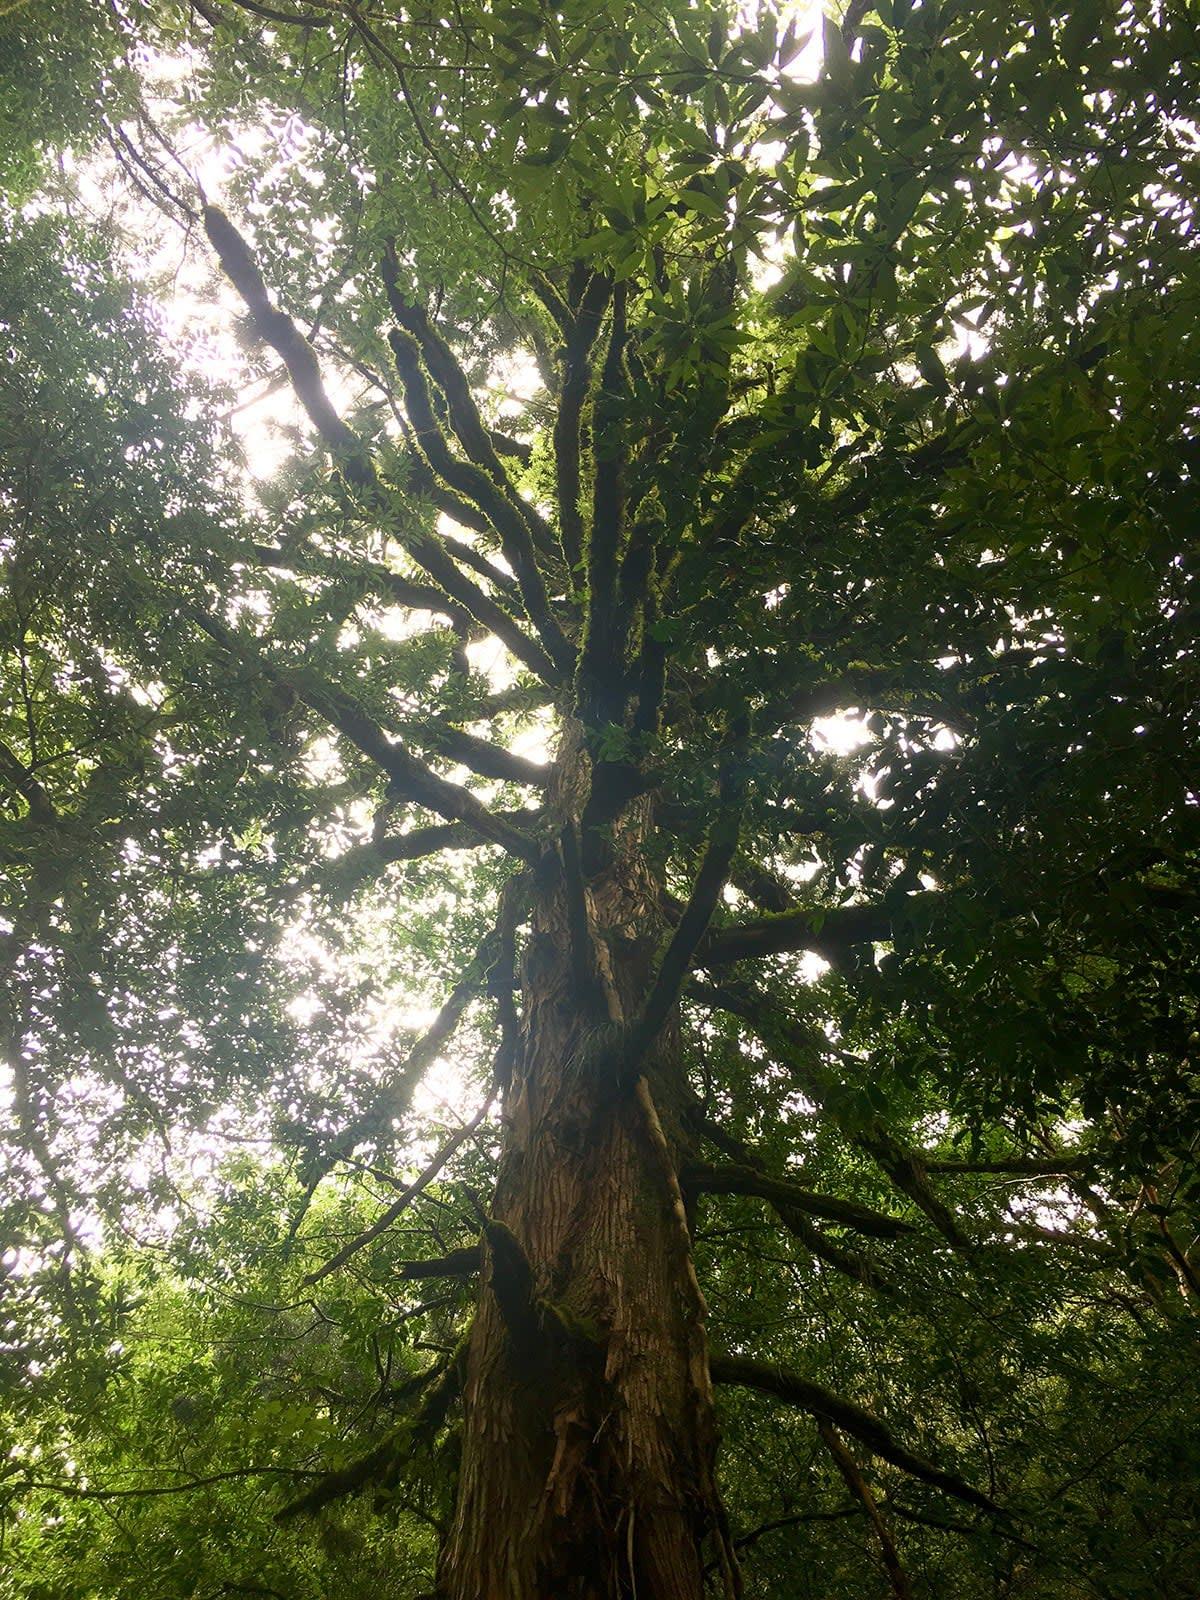 du lịch yakushima - cây cổ thụ